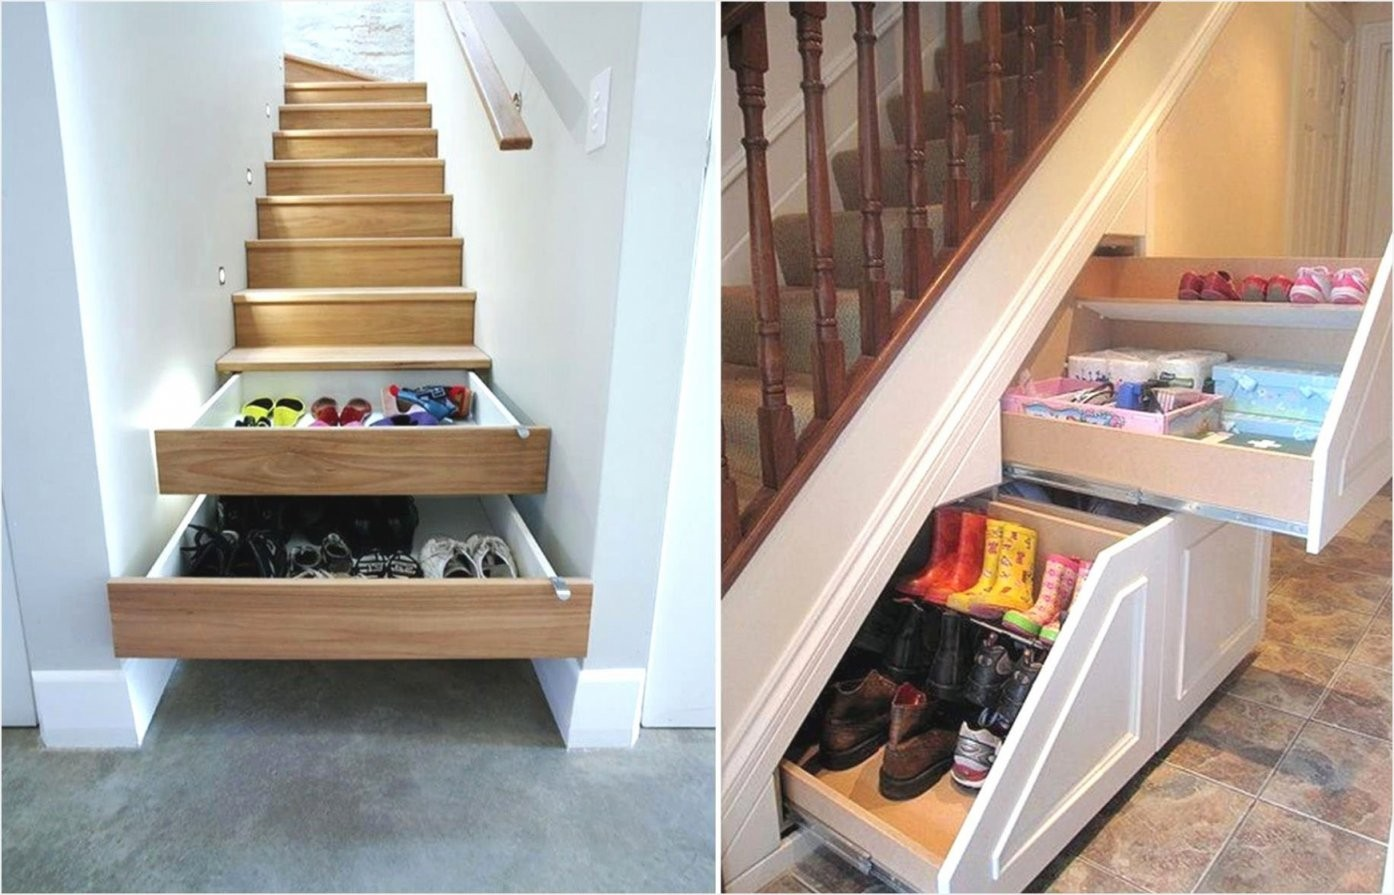 Schrank Unter Treppe Selber Bauen — Temobardz Home Blog von Kleine Holztreppe Selber Bauen Bild